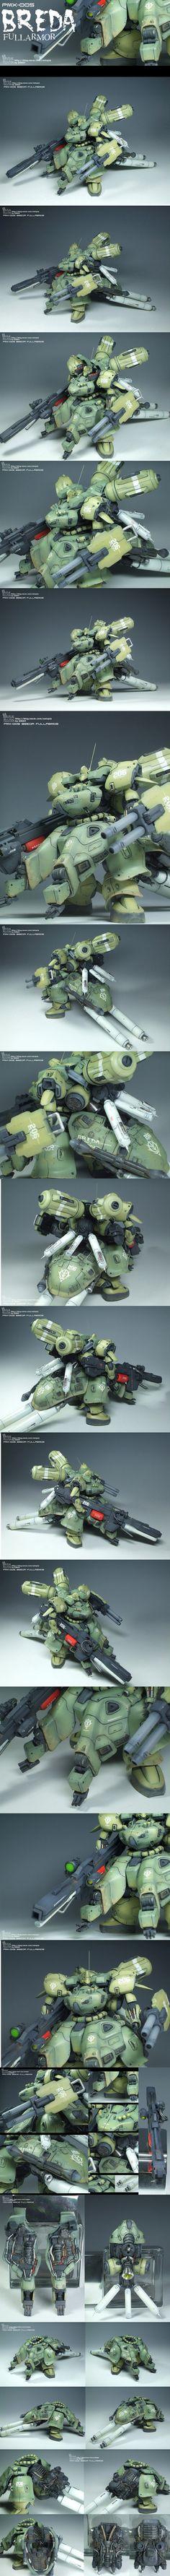 PMX-005 BREDA Full Armor